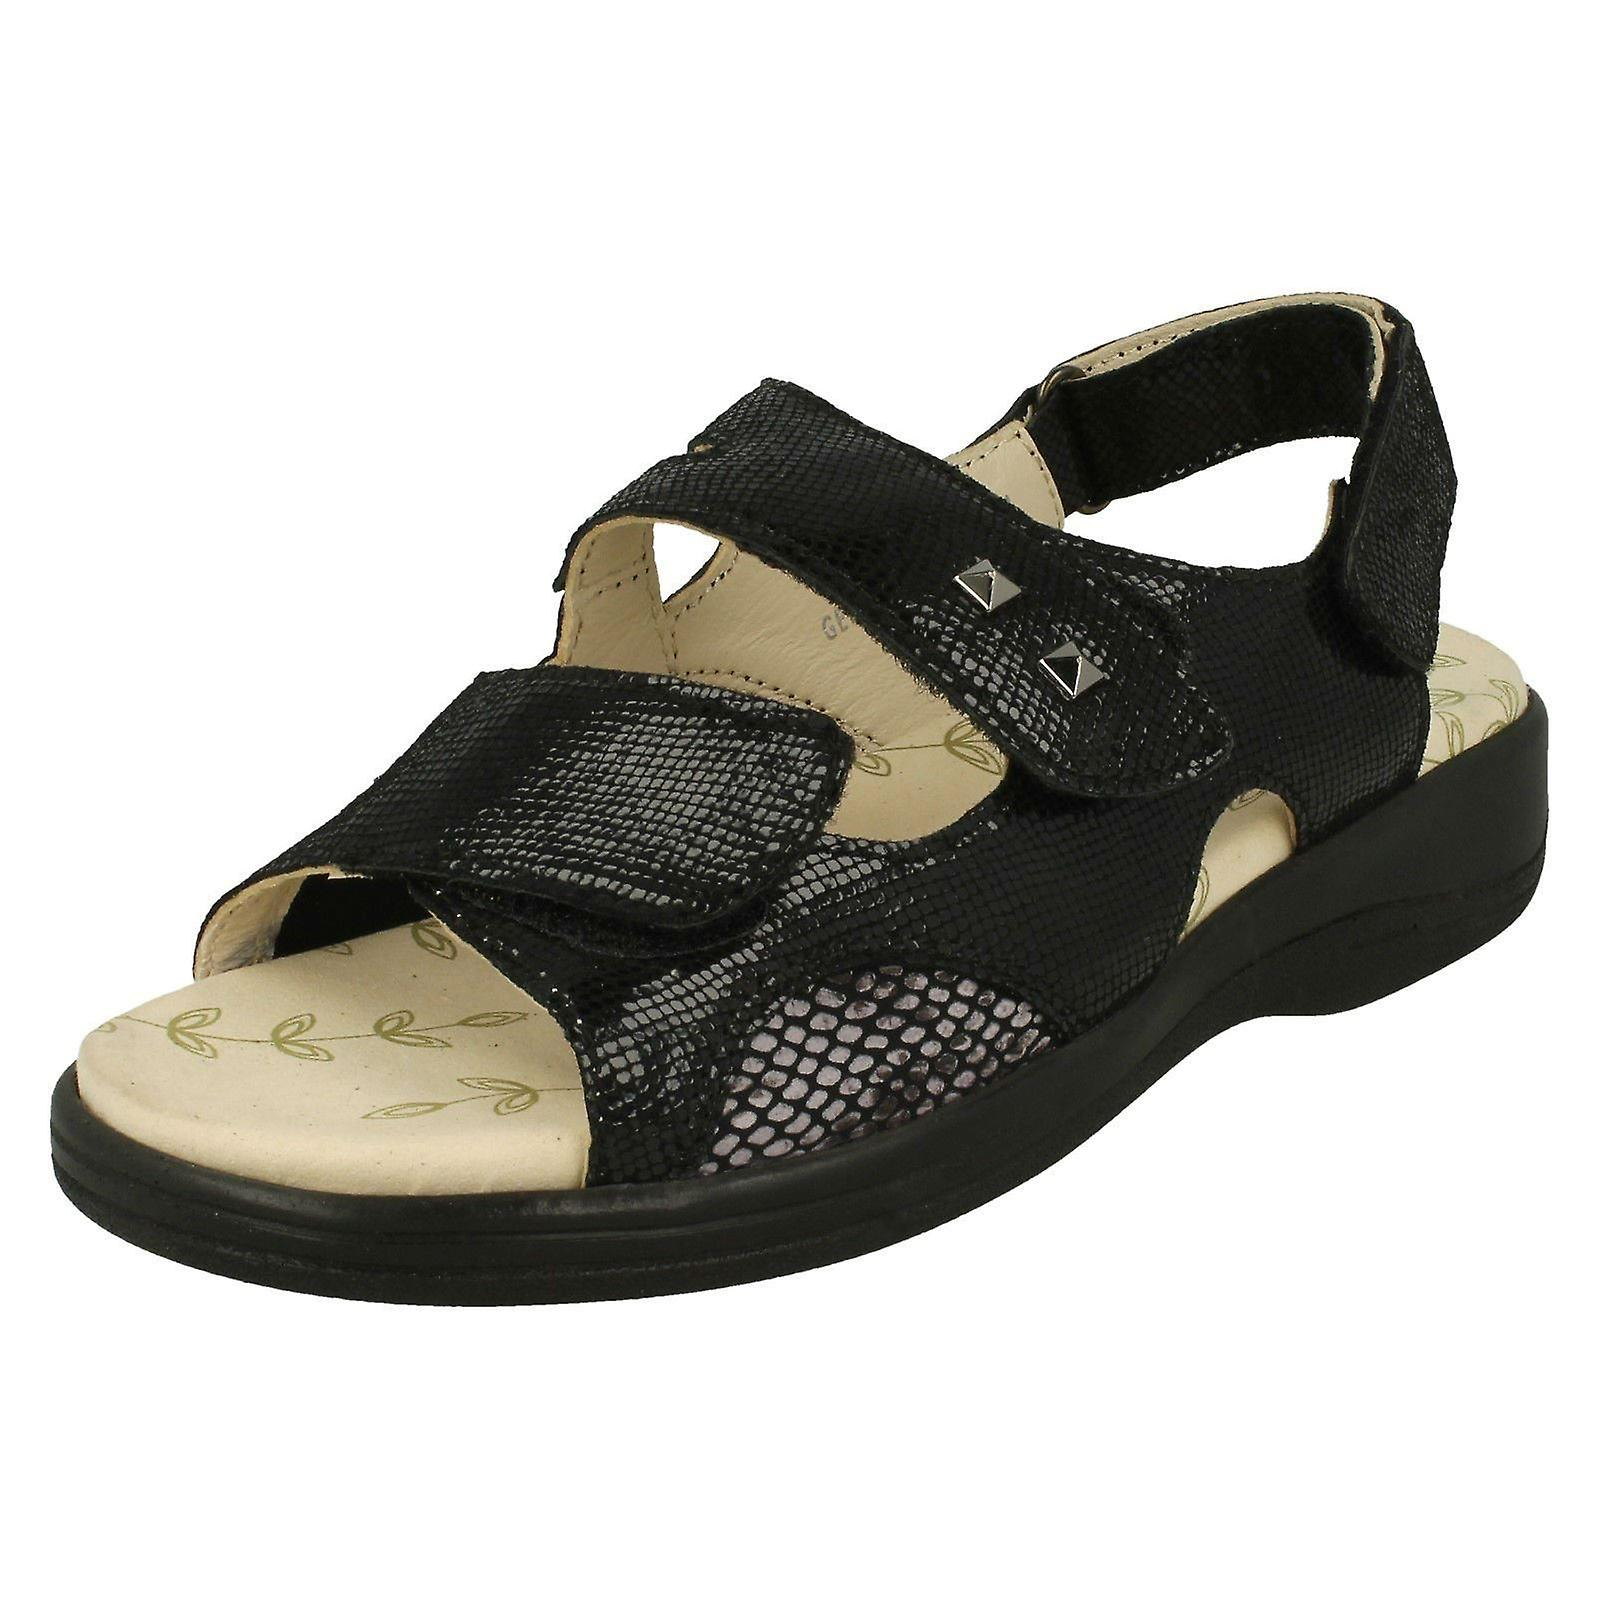 97792de608794 Ladies Padders Hook & Loop Fastening Sandals Gemstone - Black Reptile  Leather - UK Size 4.5